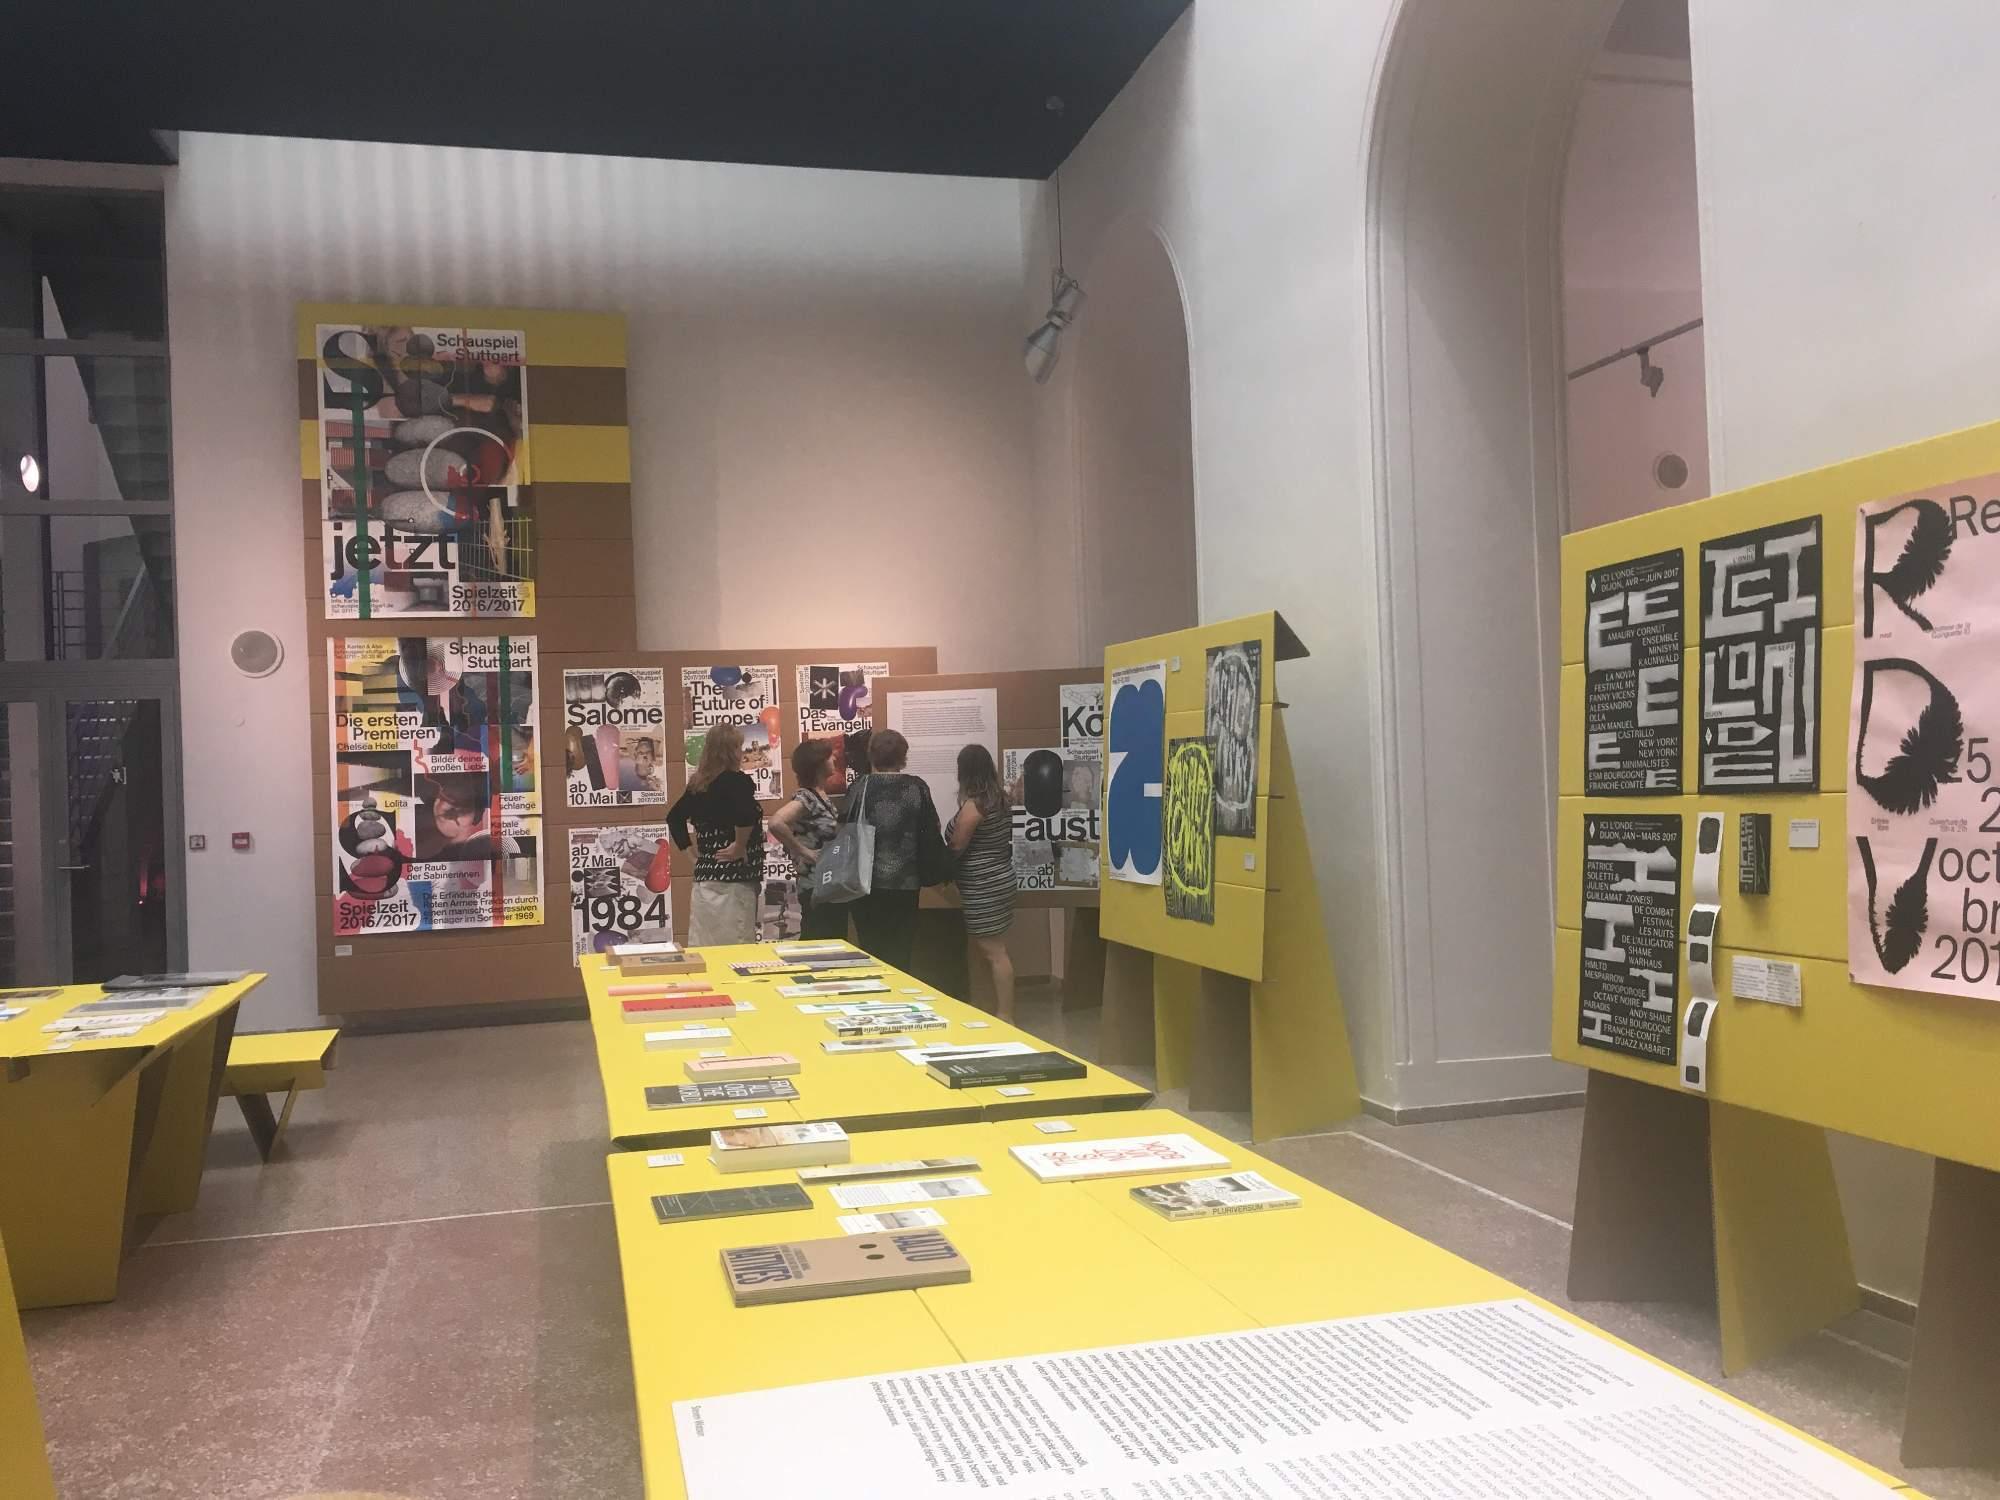 28. mezinárodní bienále grafického designu, FOTO: Karolína Oškerová